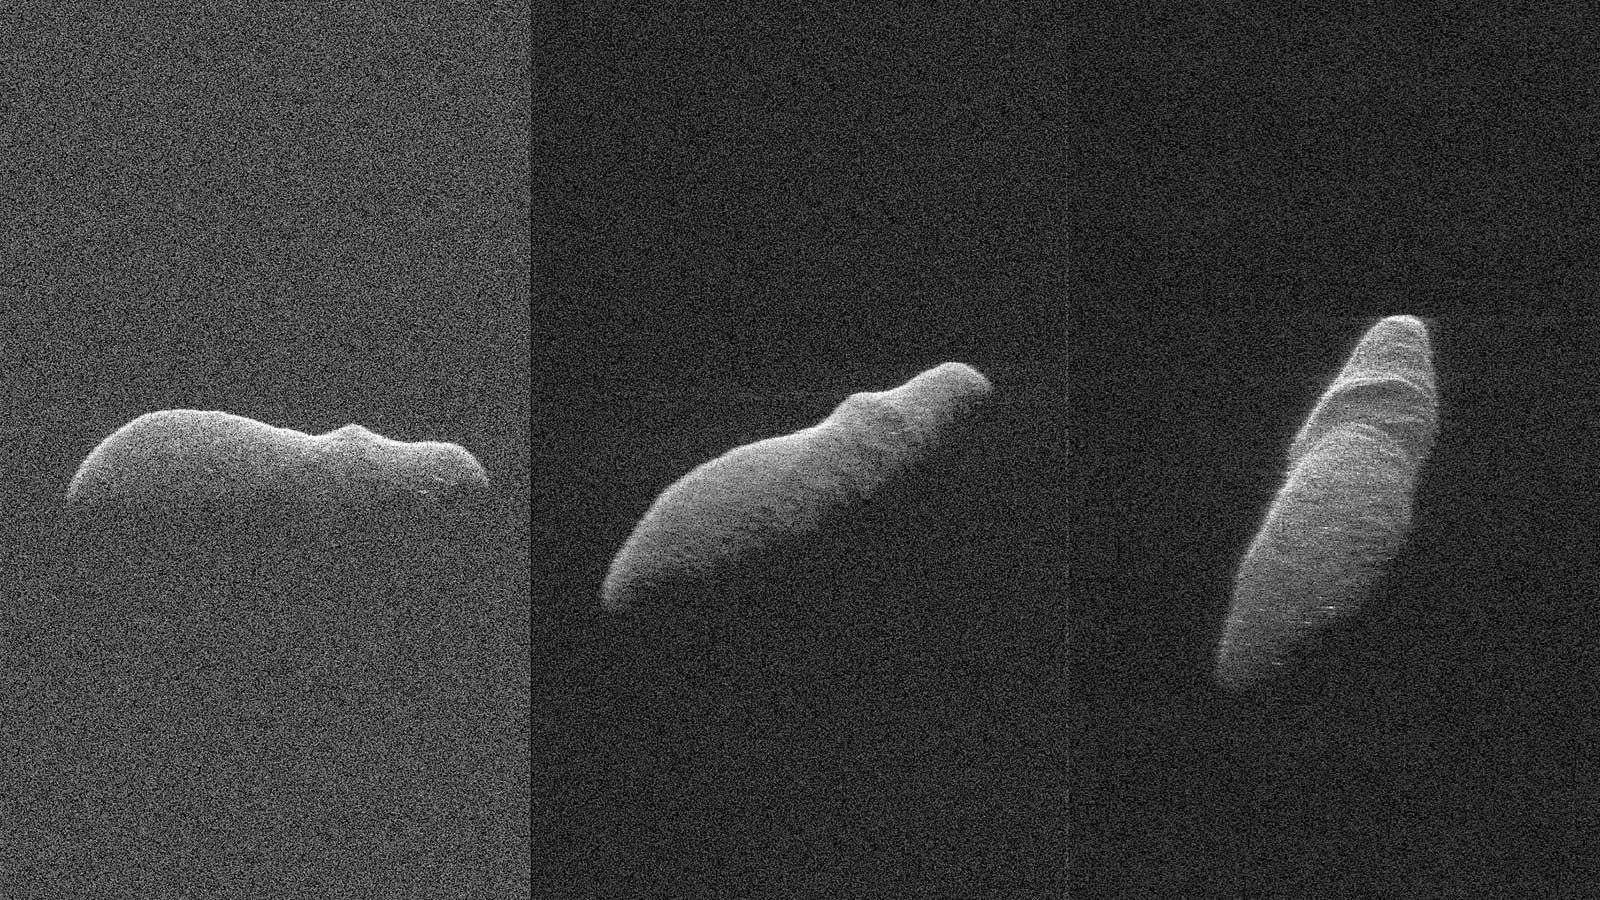 l'astéroïde 2003 SD220